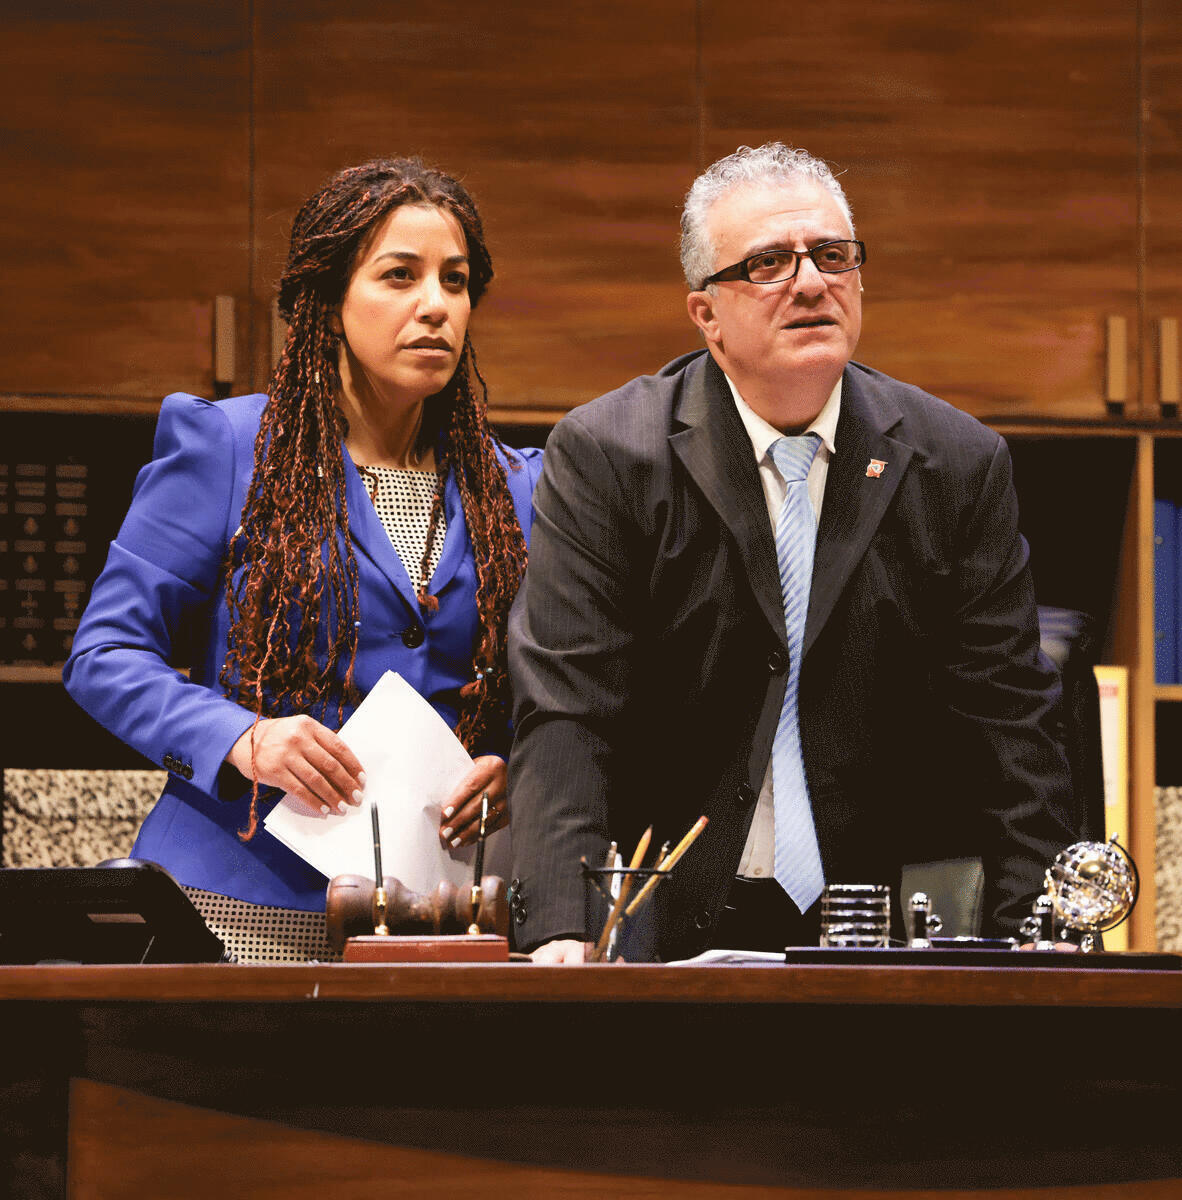 ההצגה ראש המועצה בתיאטרון הבימה - רכישת כרטיסים ולוח הצגות